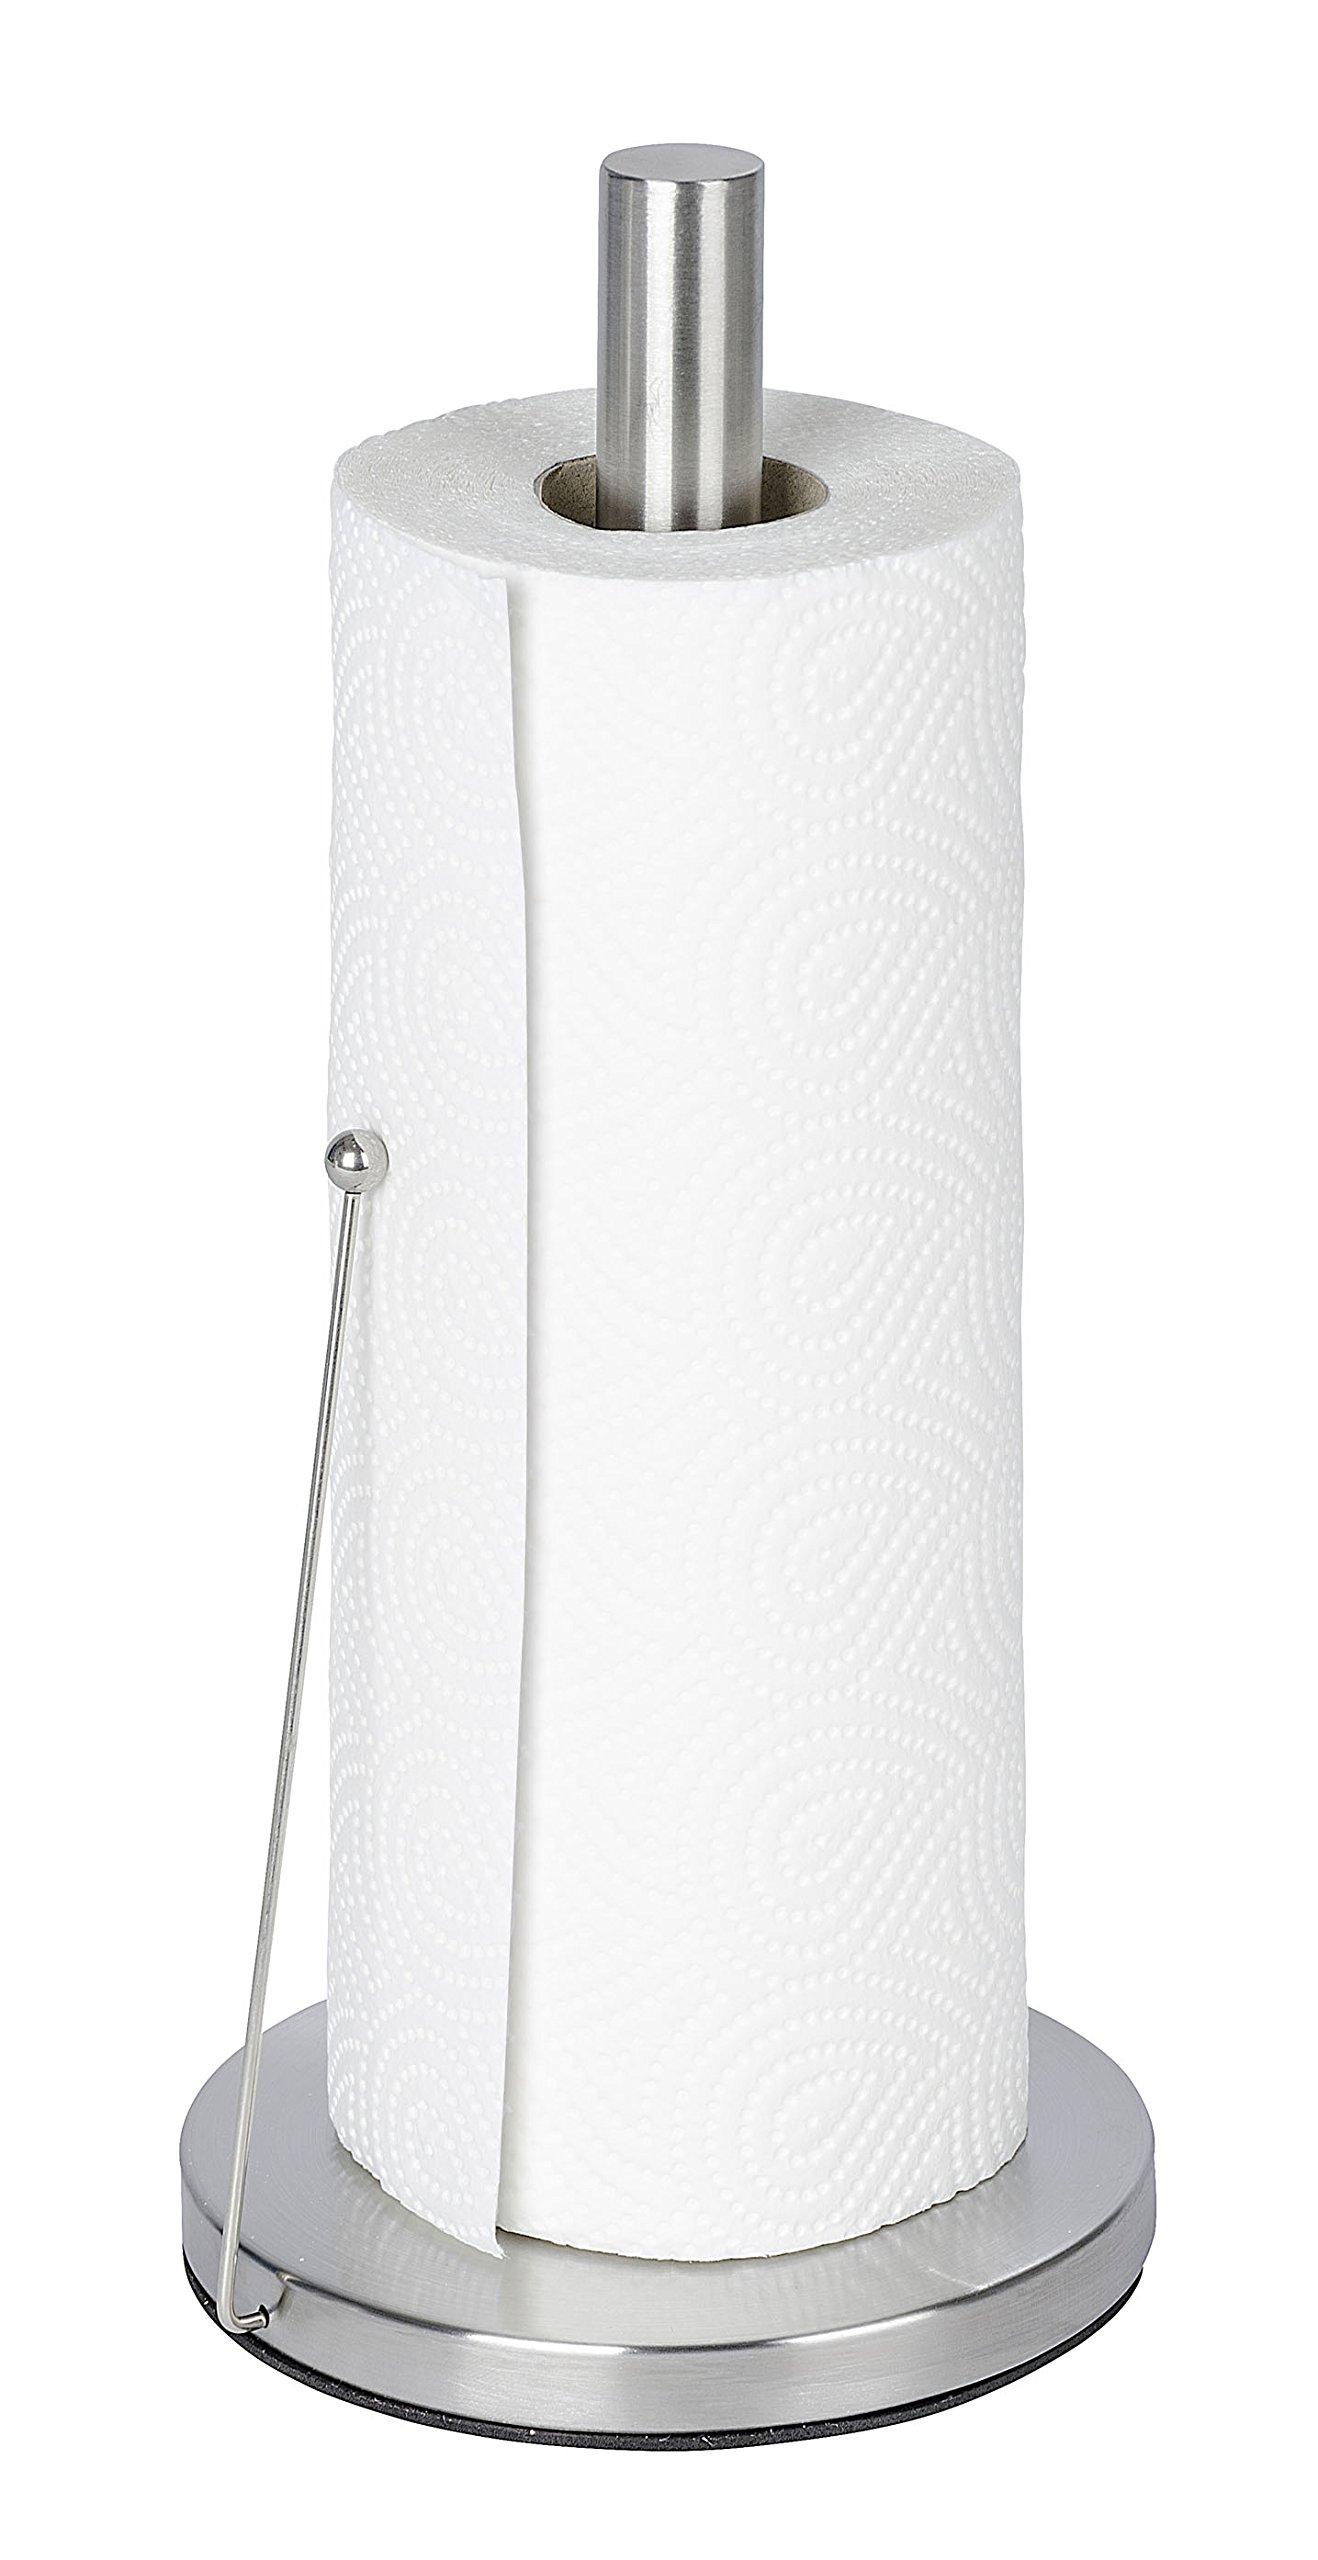 Wenko 53210100 Clayton Porte Essuie-Tout Inox 15,5 x 4,5 x 31,0 cm